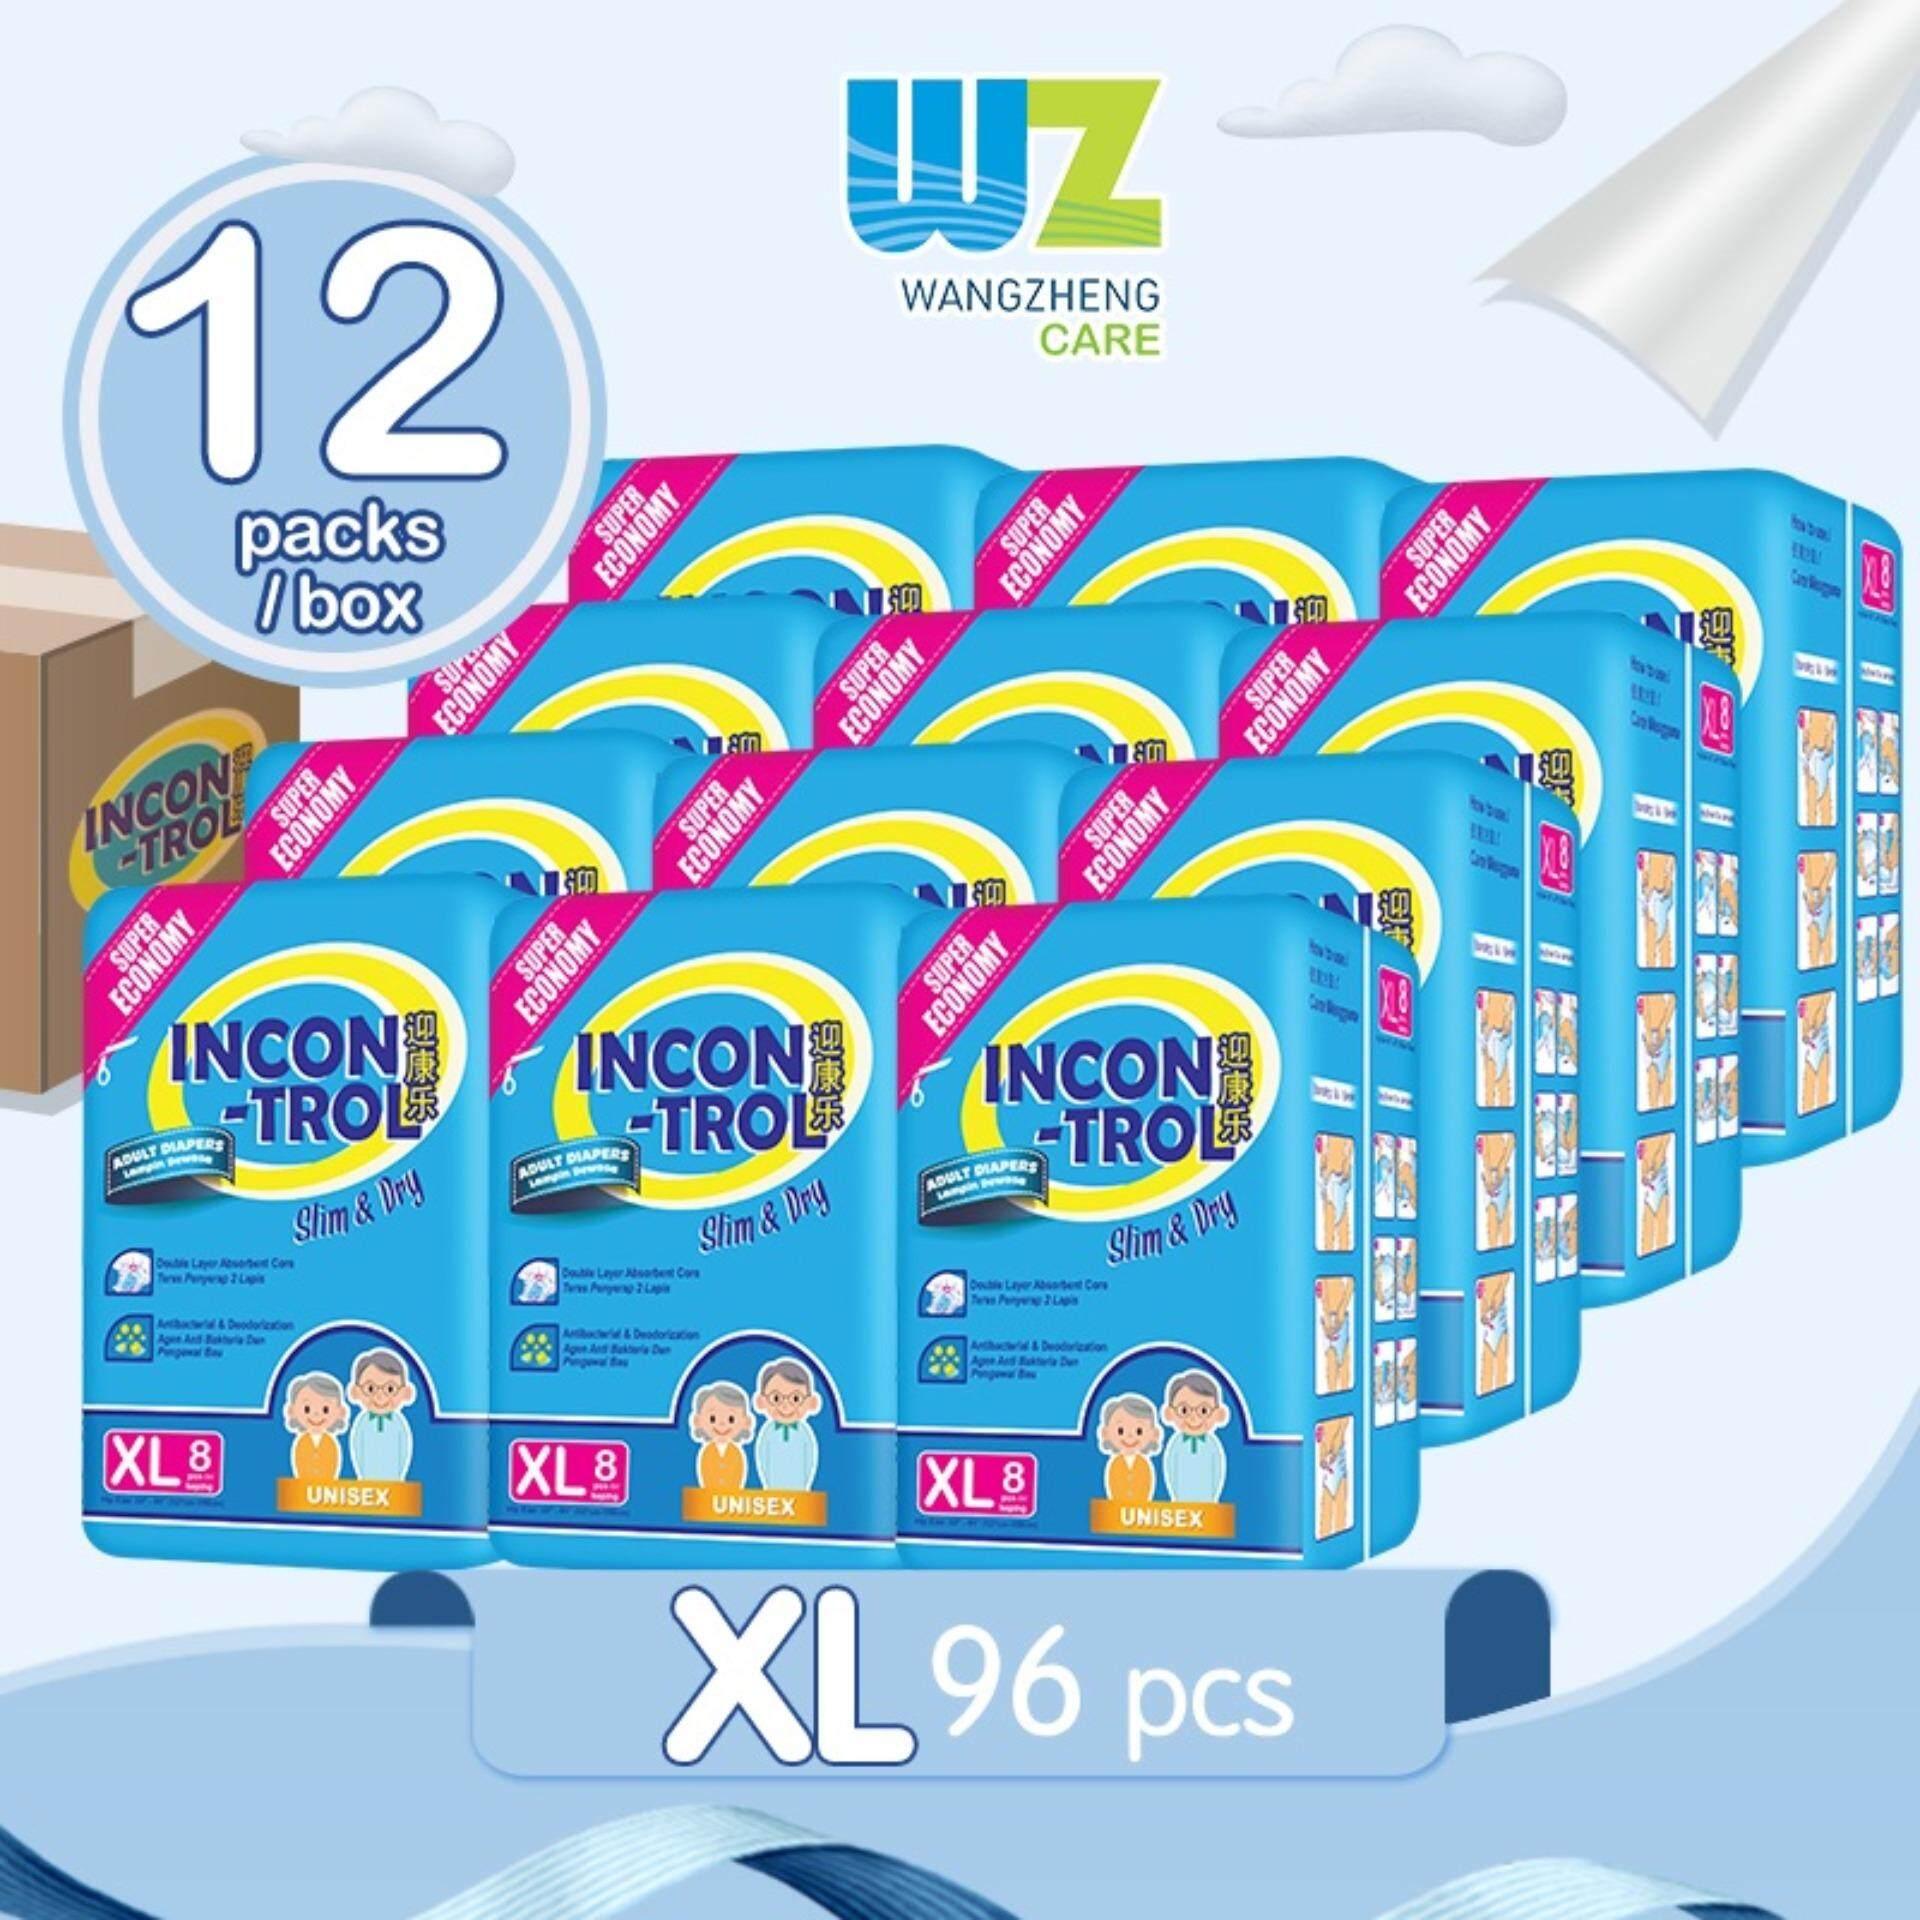 (Buatan Malaysia) Incontrol Adult Tape Diapers XL8 x 12 Packs [WangZheng CARE]